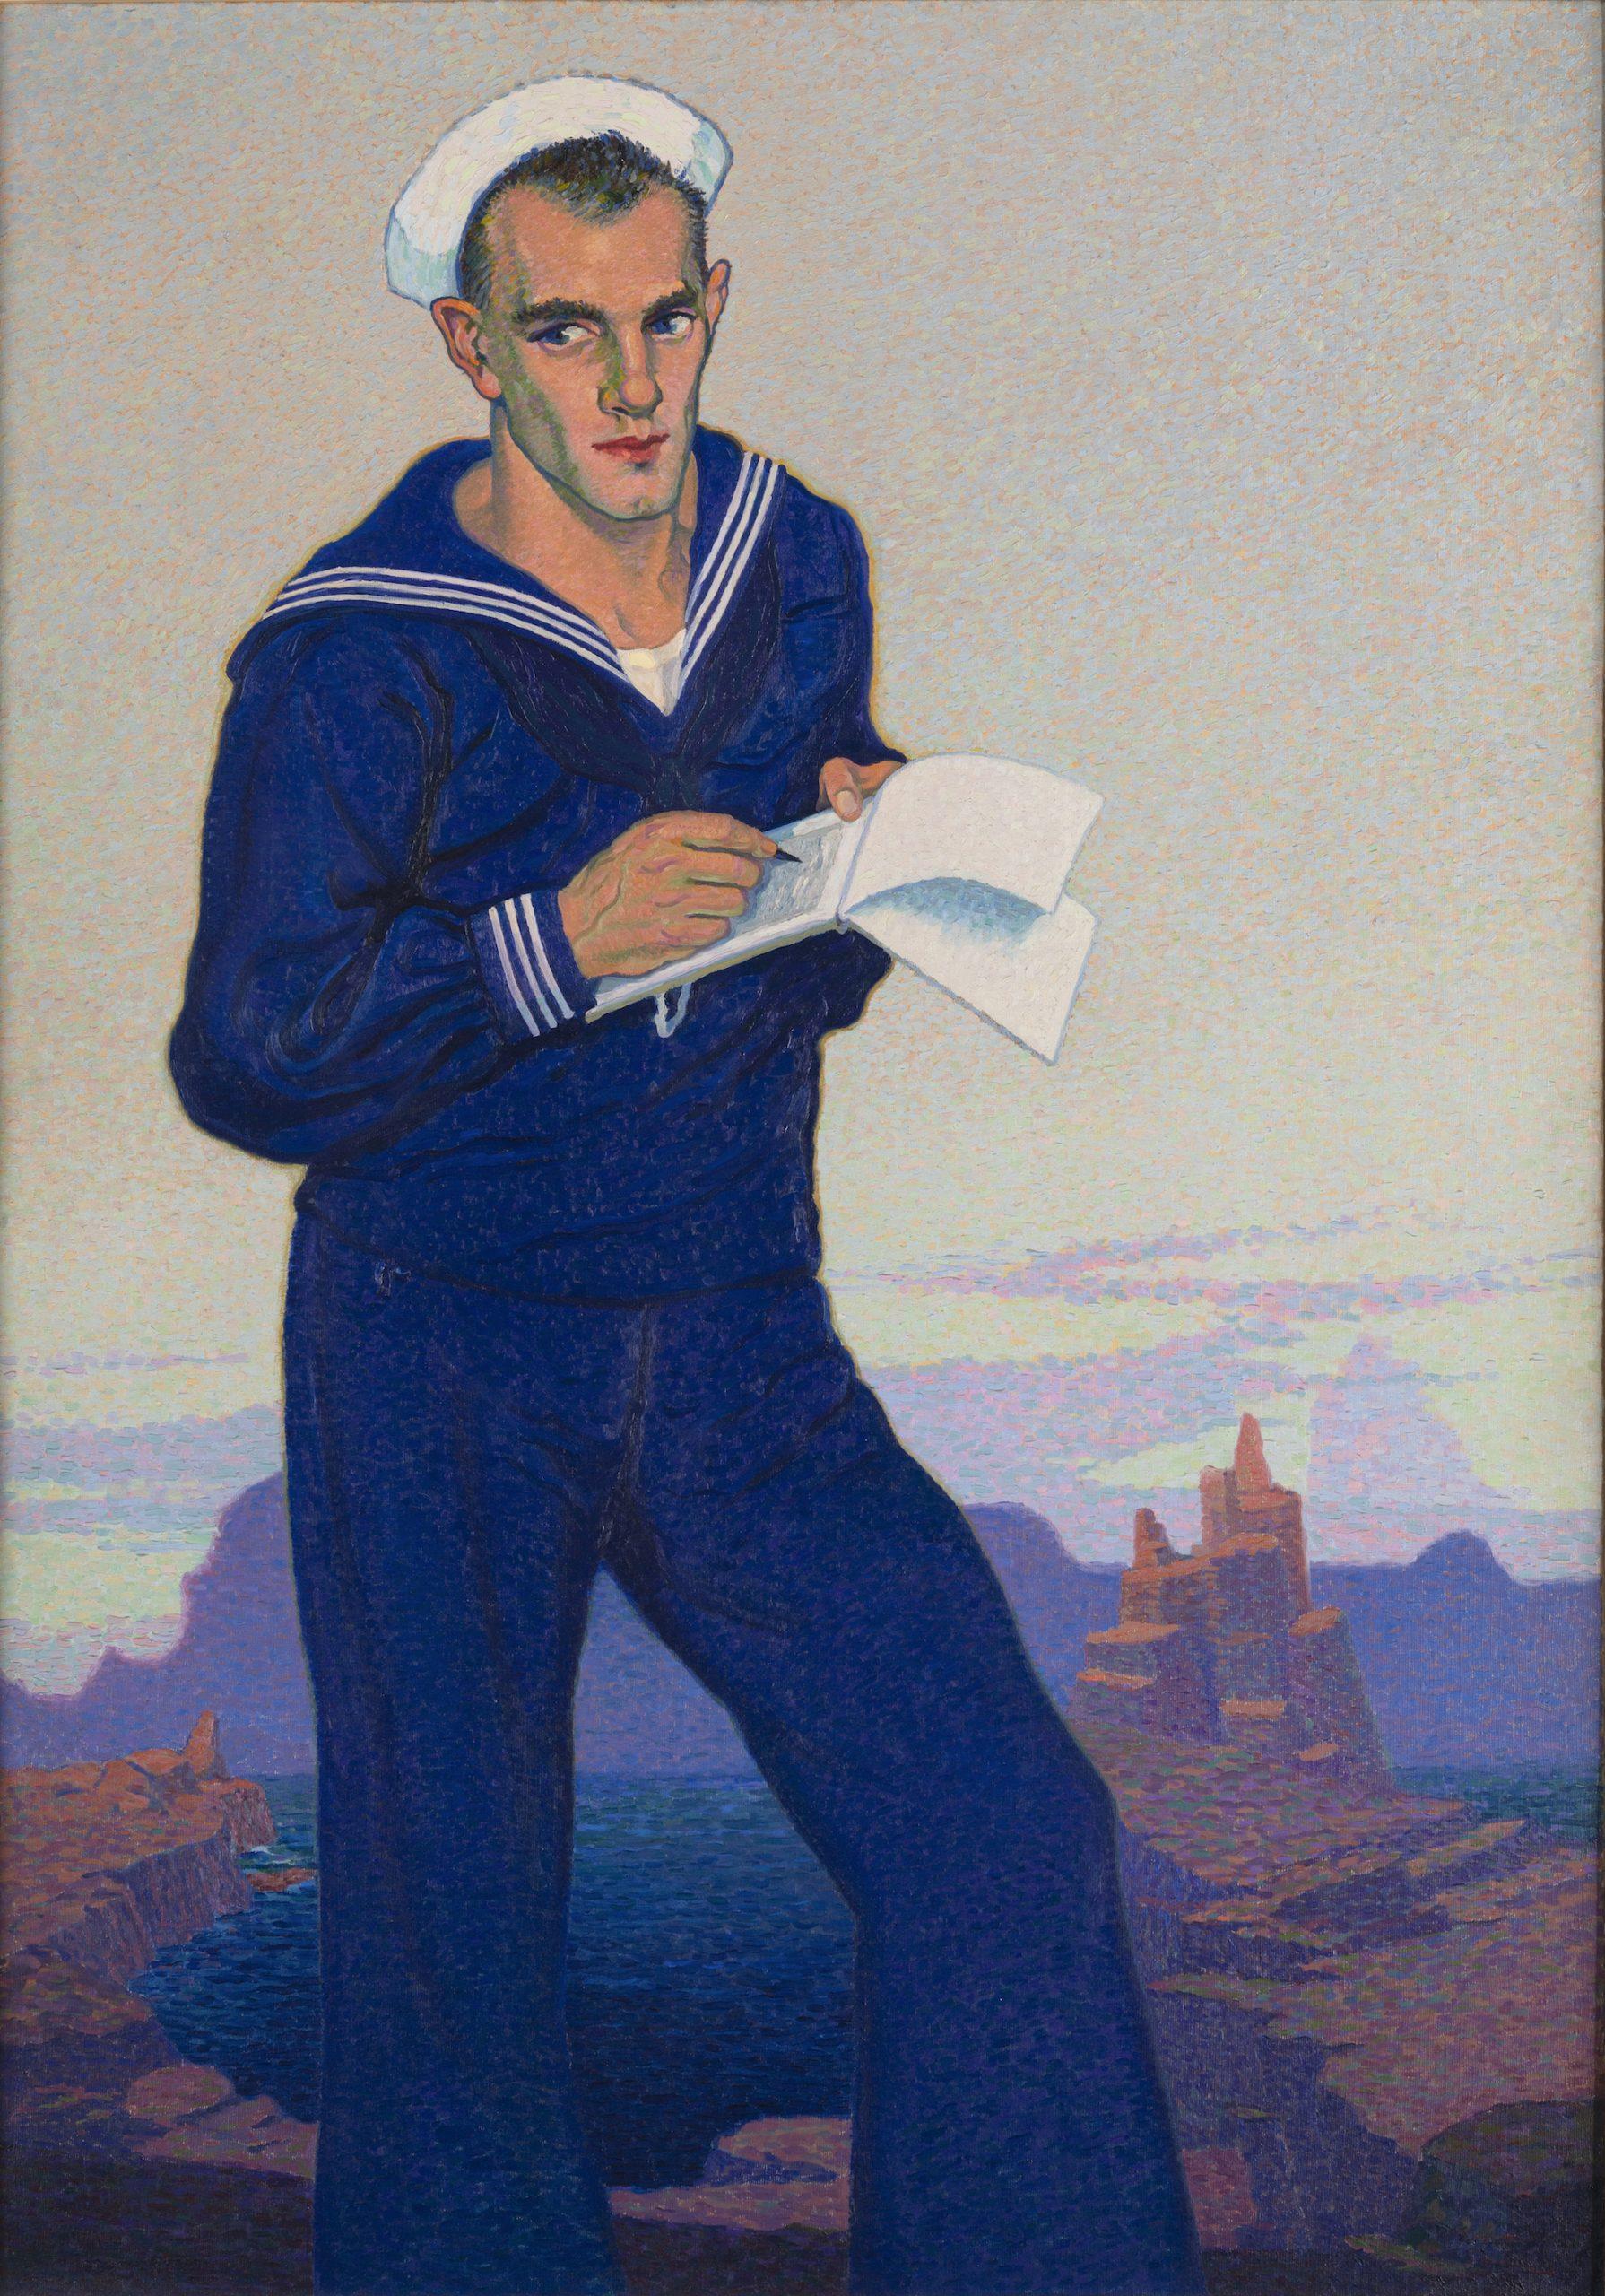 """Image of """"The Sailor (Eric Johan Smith), 1919,"""" an oil painting on canvas by Raymond Jonson."""